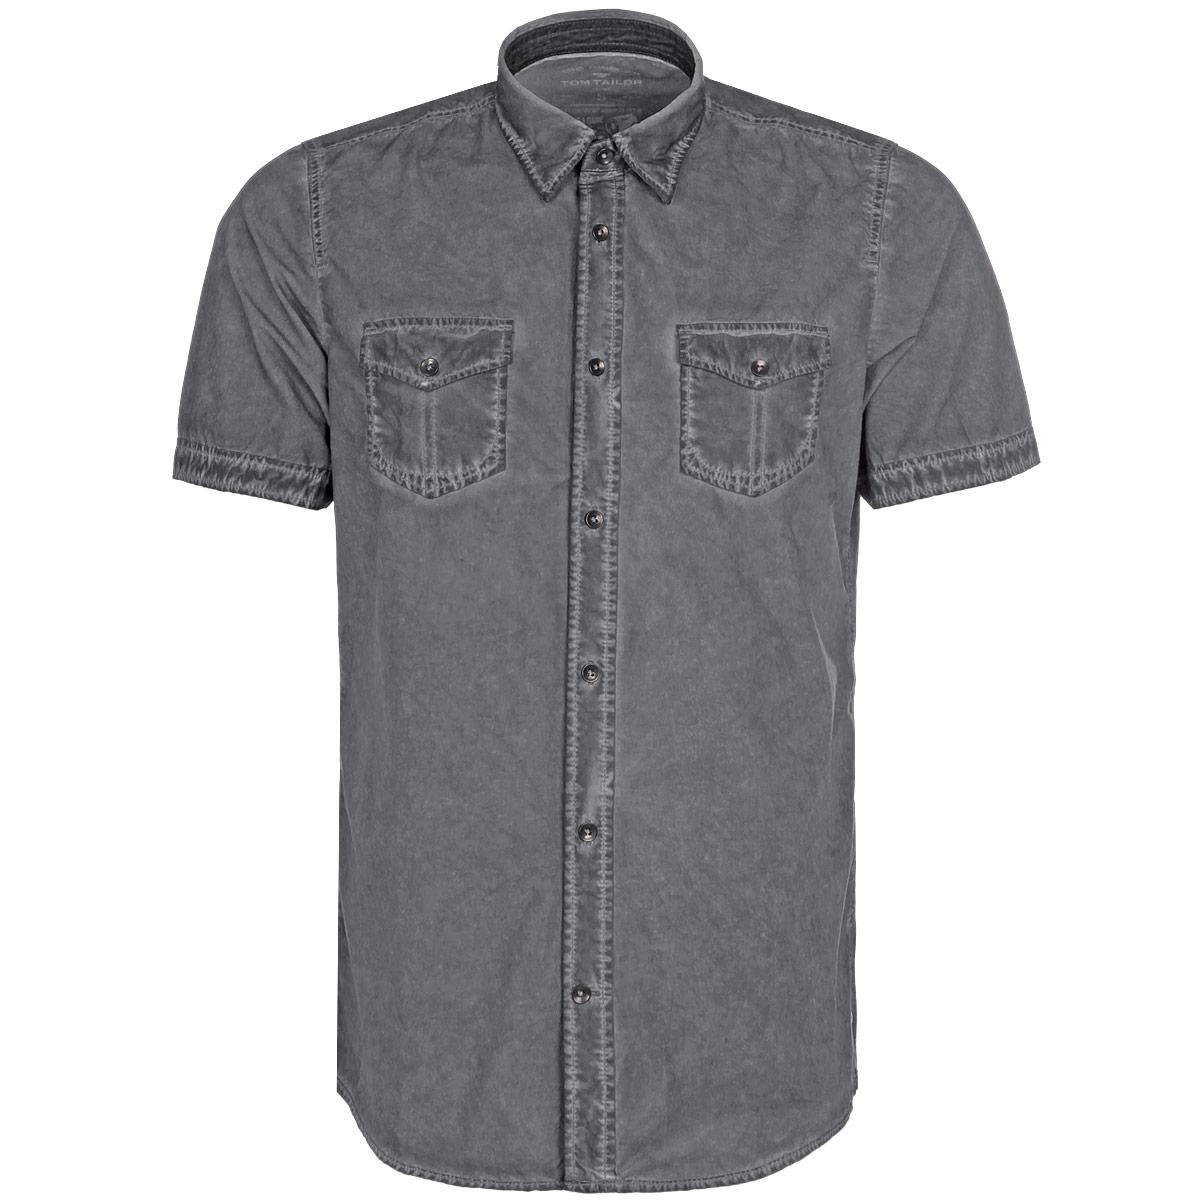 Рубашка мужская. 2030560.99.102030560.99.10Мужская рубашка Tom Tailor, выполненная из высококачественного 100% хлопка, обладает высокой теплопроводностью, воздухопроницаемостью и гигроскопичностью, позволяет коже дышать, тем самым обеспечивая наибольший комфорт при носке. Модель классического кроя с отложным воротником и короткими рукавами застегивается на пуговицы. Рубашка дополнена двумя накладными карманами на груди. Однотонная рубашка великолепно подойдет к любому наряду. Такая рубашка подчеркнет ваш вкус и поможет создать великолепный стильный образ.